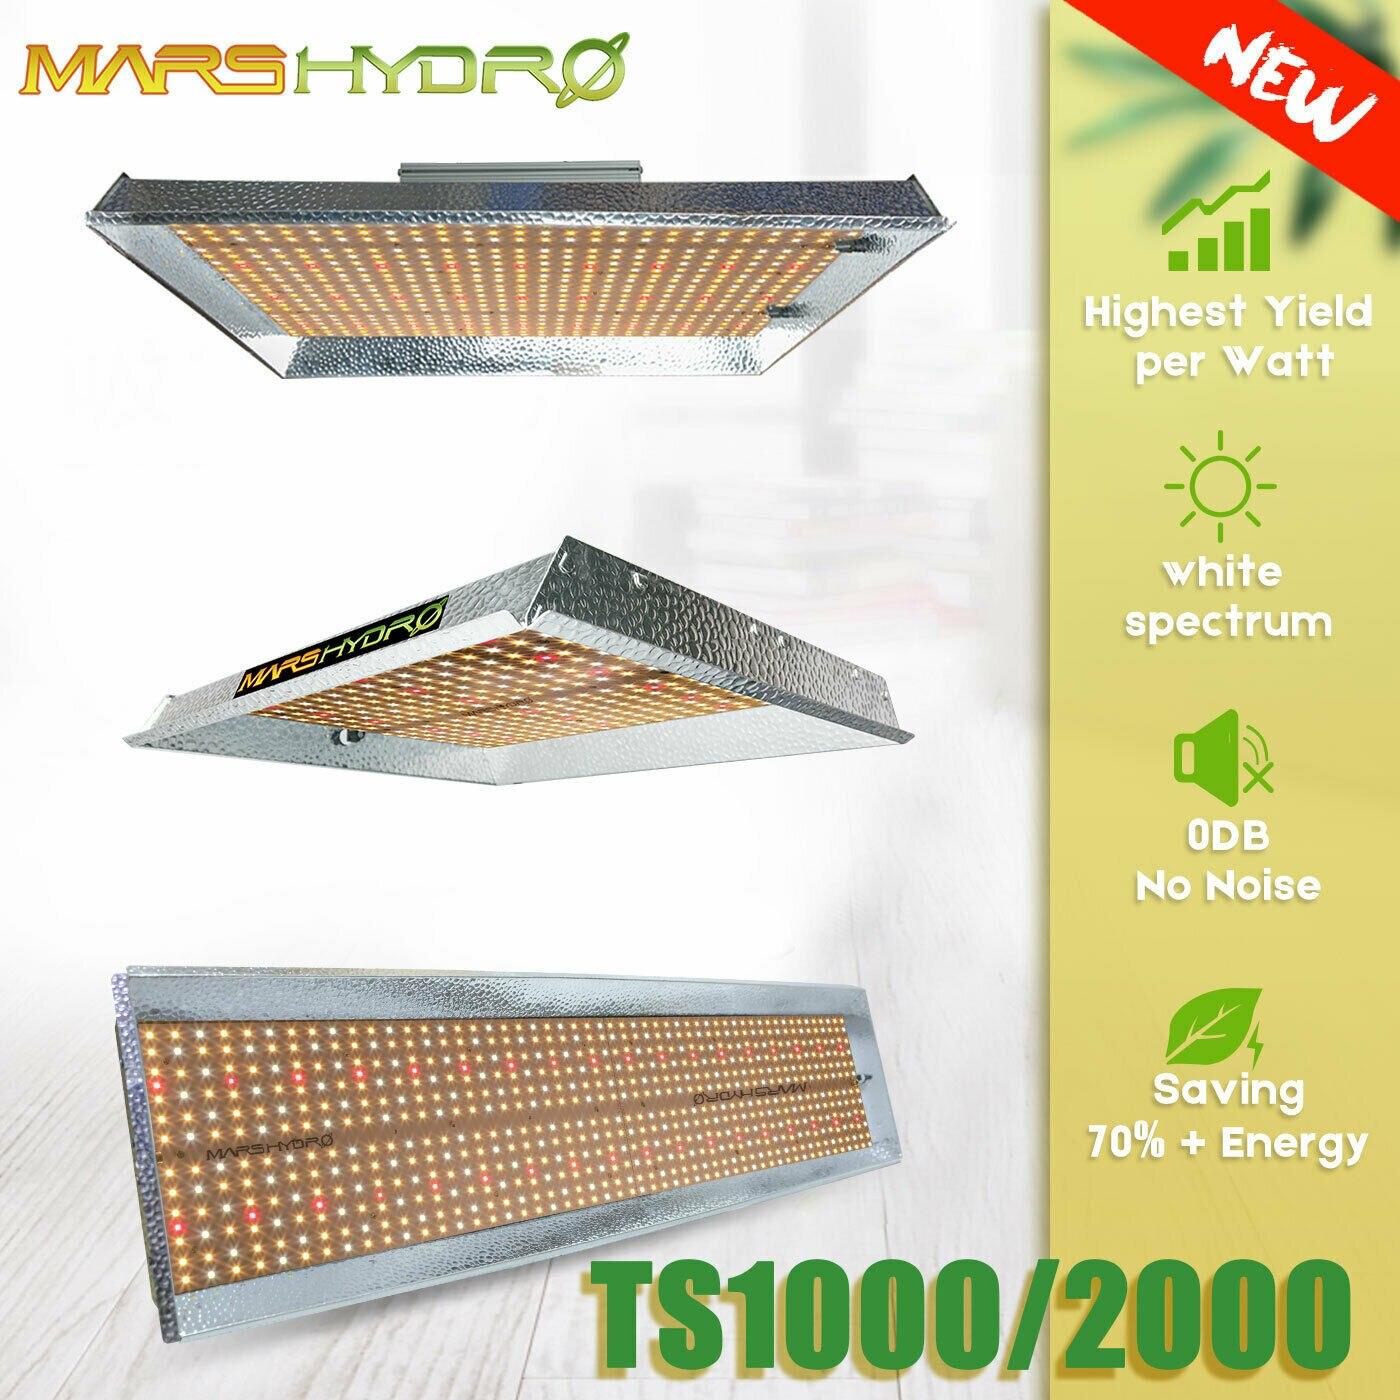 Mars Hidro TS 1000 Cresce A Luz LED Indoor Plantas Veg Flor Substituir HPS/HID Hidroponia Specturm Completo